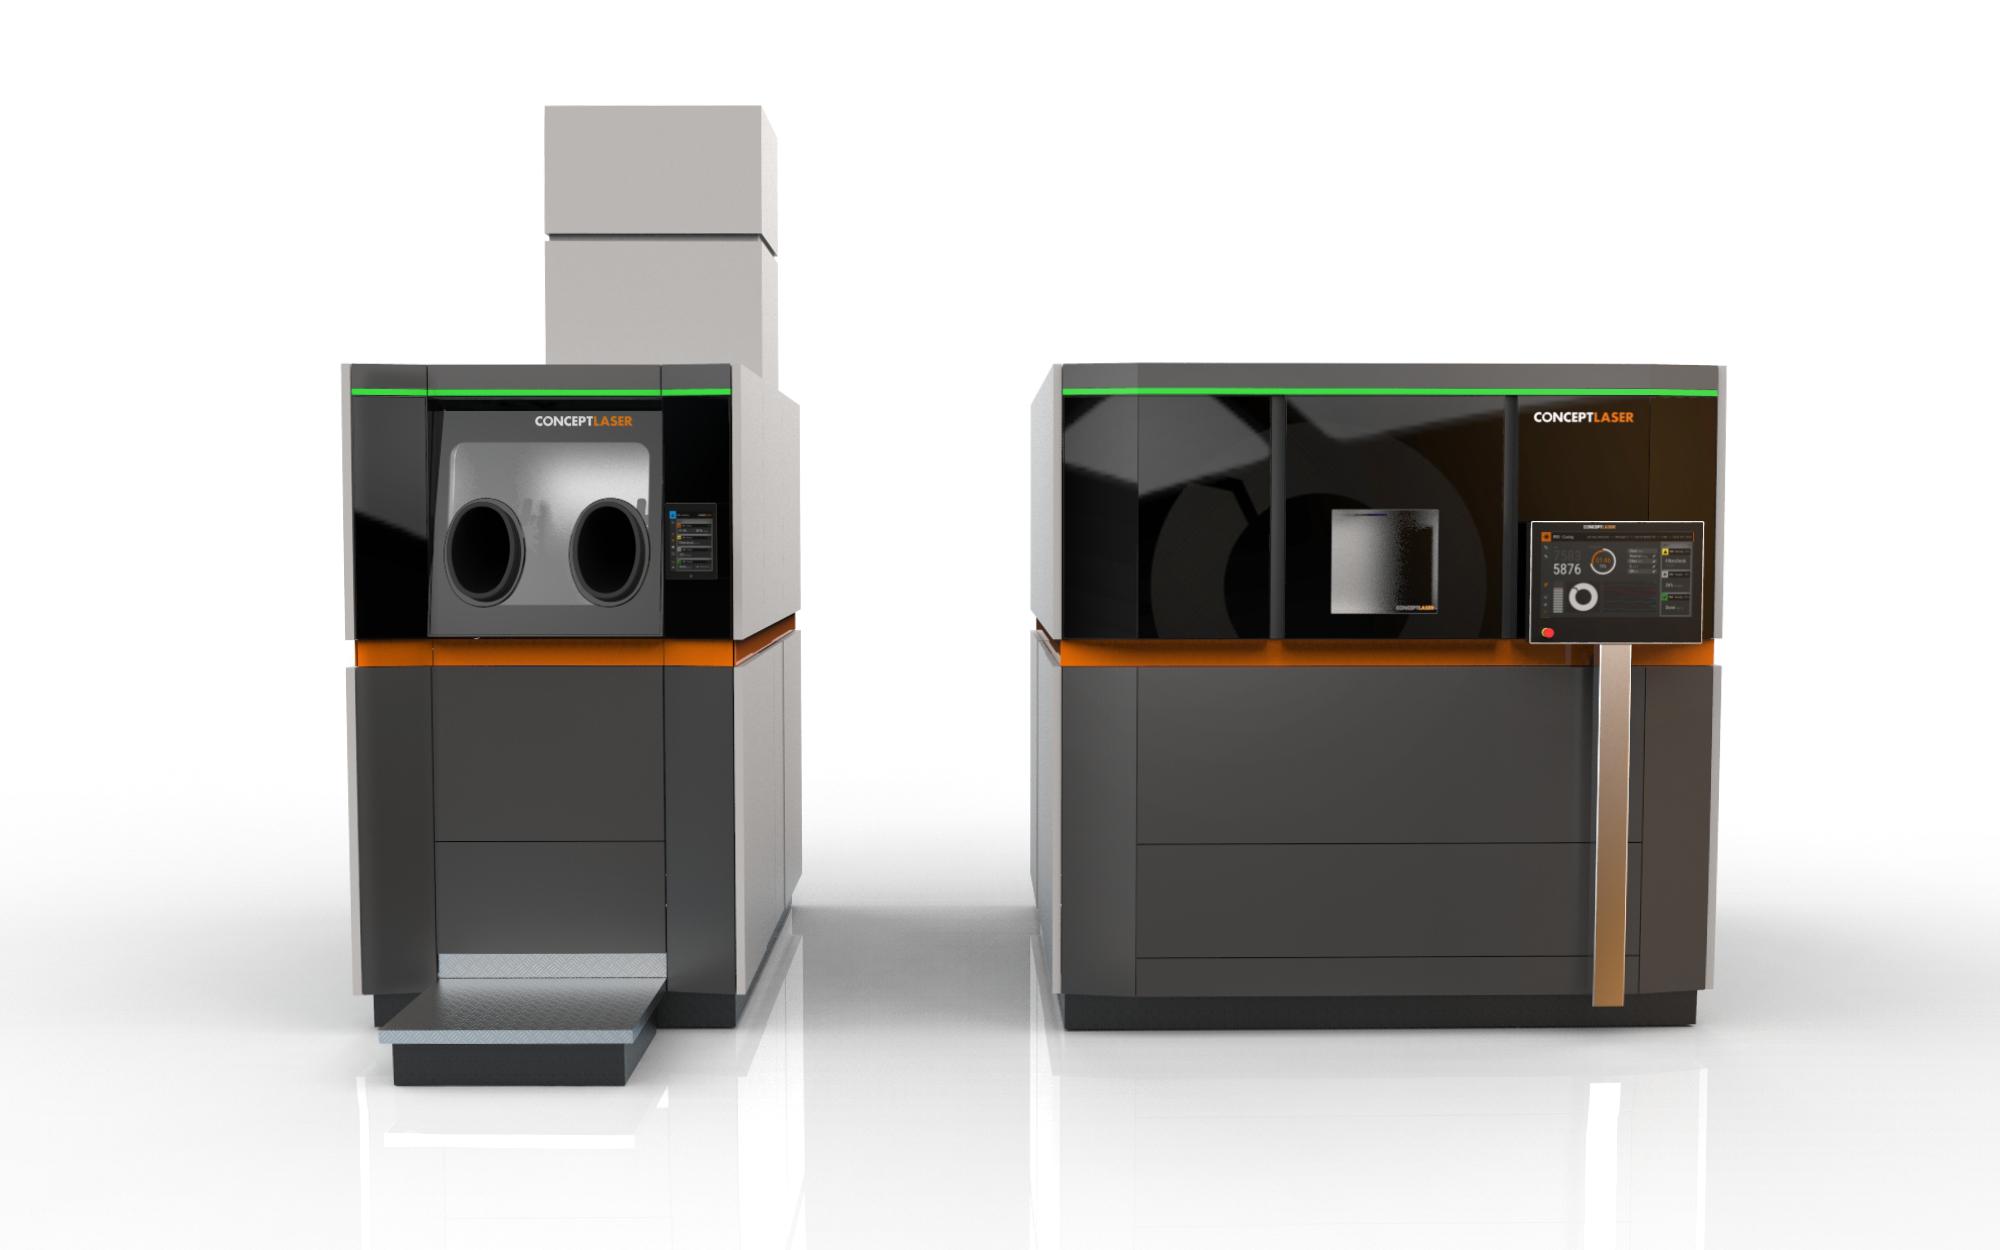 Basisgedanke der neue Anlagen-Architektur von Concept Laser: Entkoppelung von Handling- und Prozesseinheit, Bild: Concept Laser